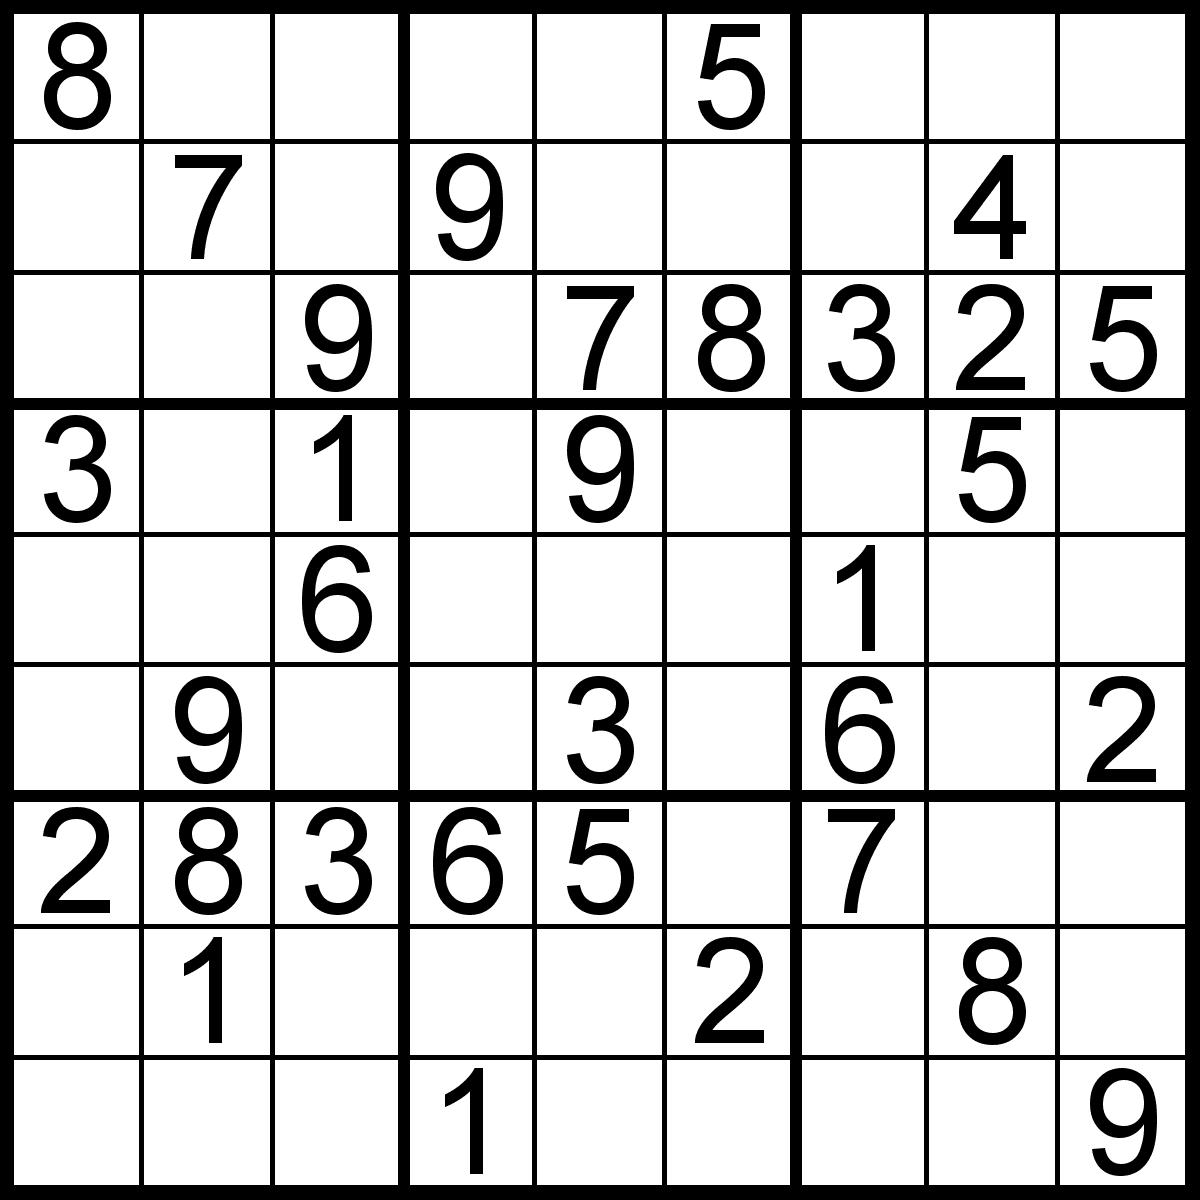 Large Print Easy Sudoku Printable